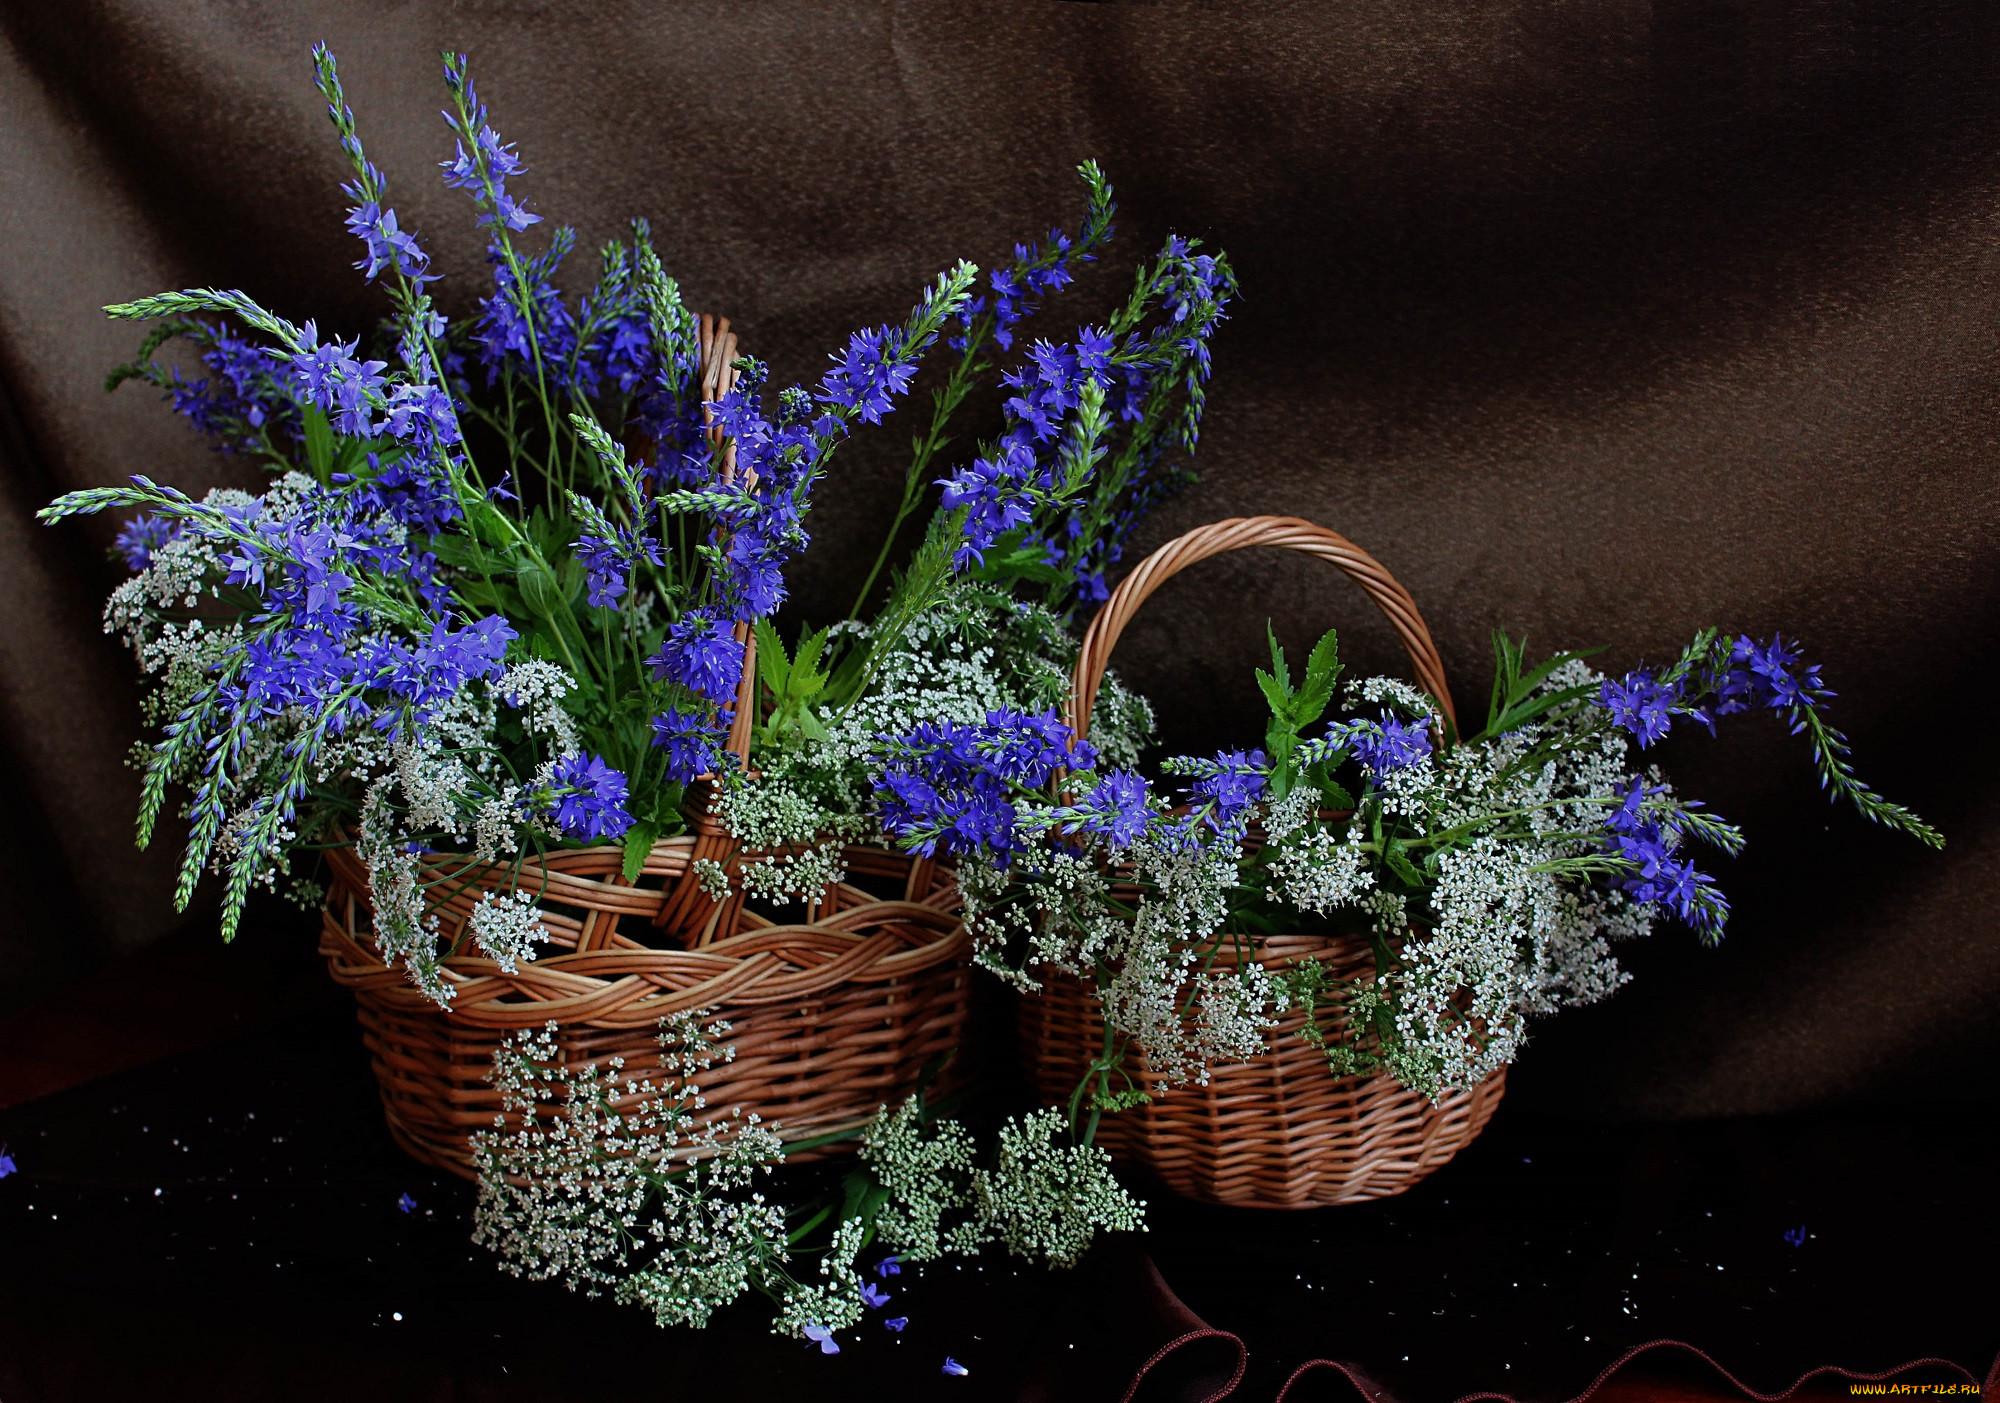 бобра рубрике полевые цветы в корзинке картинка включавшая его несколько